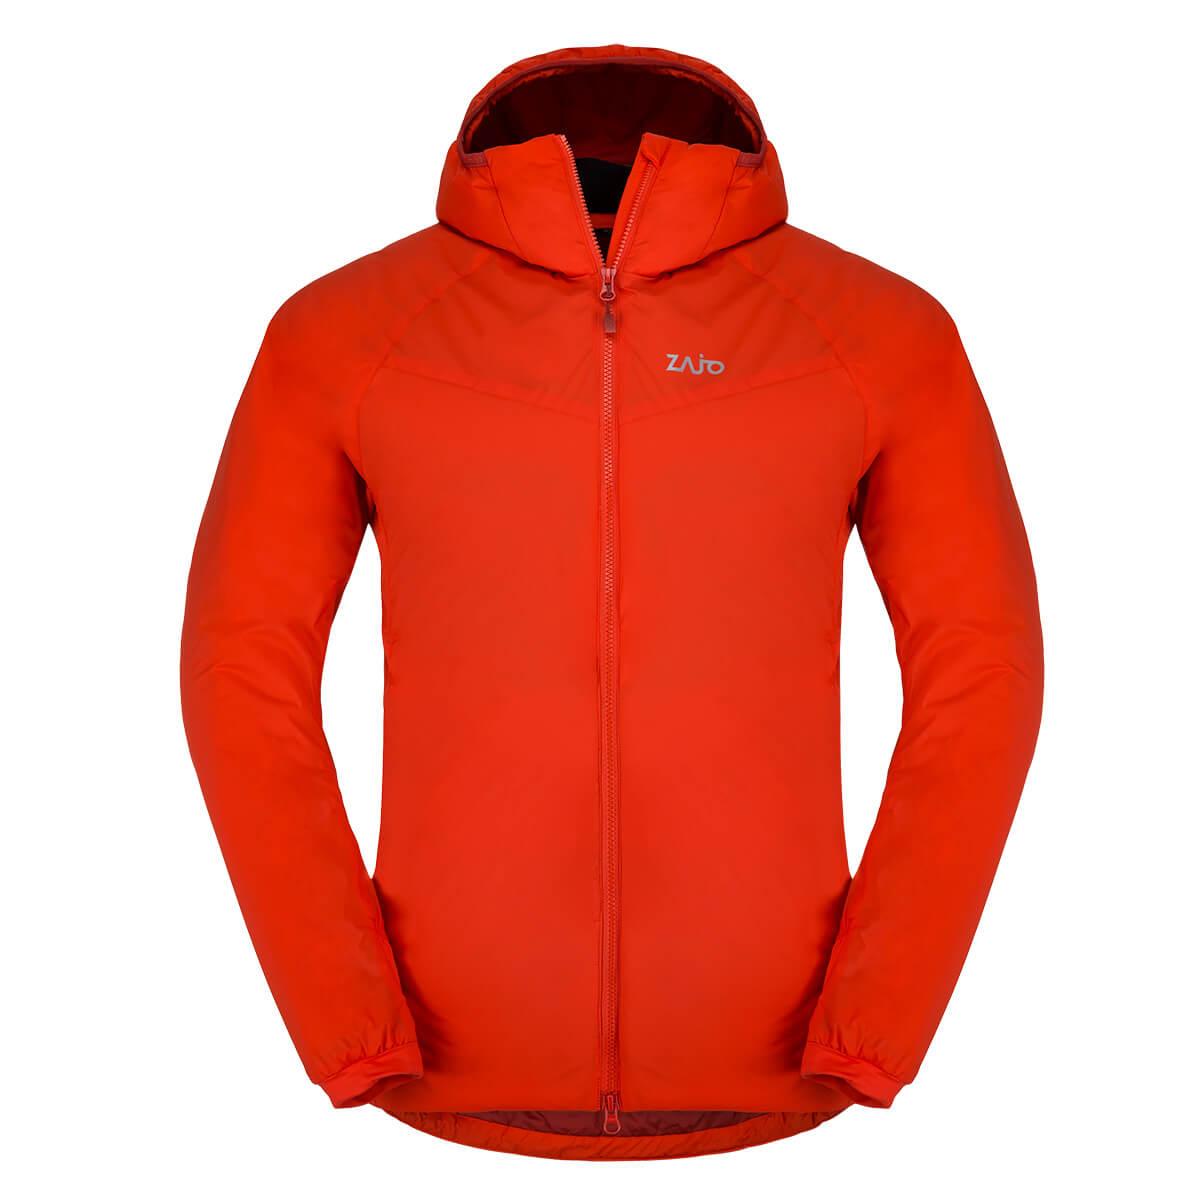 Pánska bunda Zajo Narvik JKT Red - veľkosť S